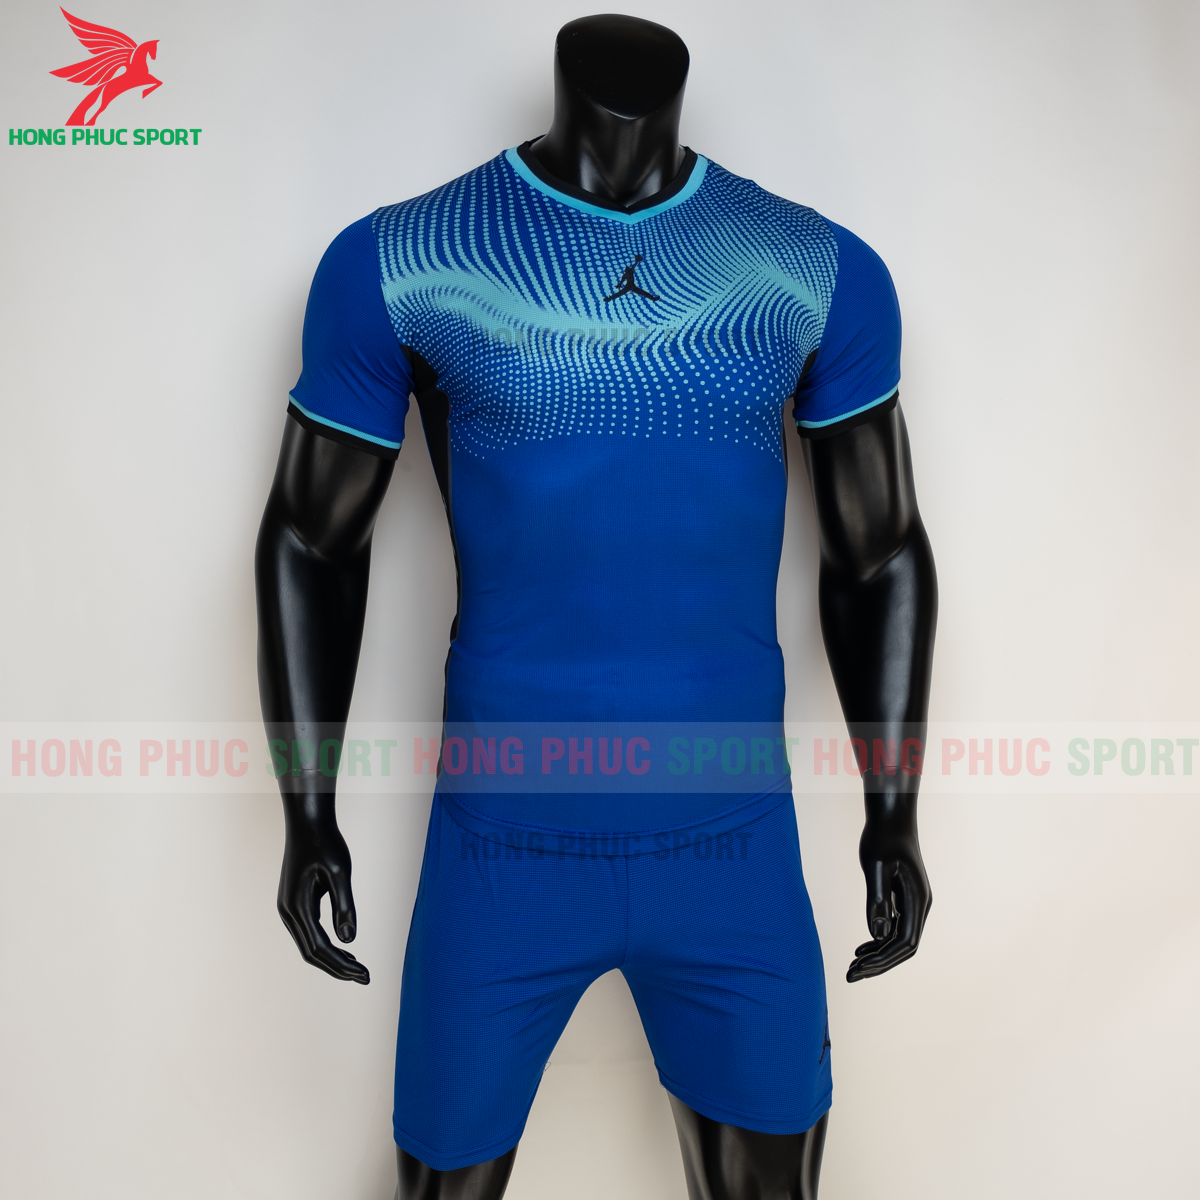 https://cdn.hongphucsport.com/unsafe/s4.shopbay.vn/files/285/ao-bong-chuyen-khong-logo-jordan-wave-mau-xanh-duong-3-605021c0d106d.png